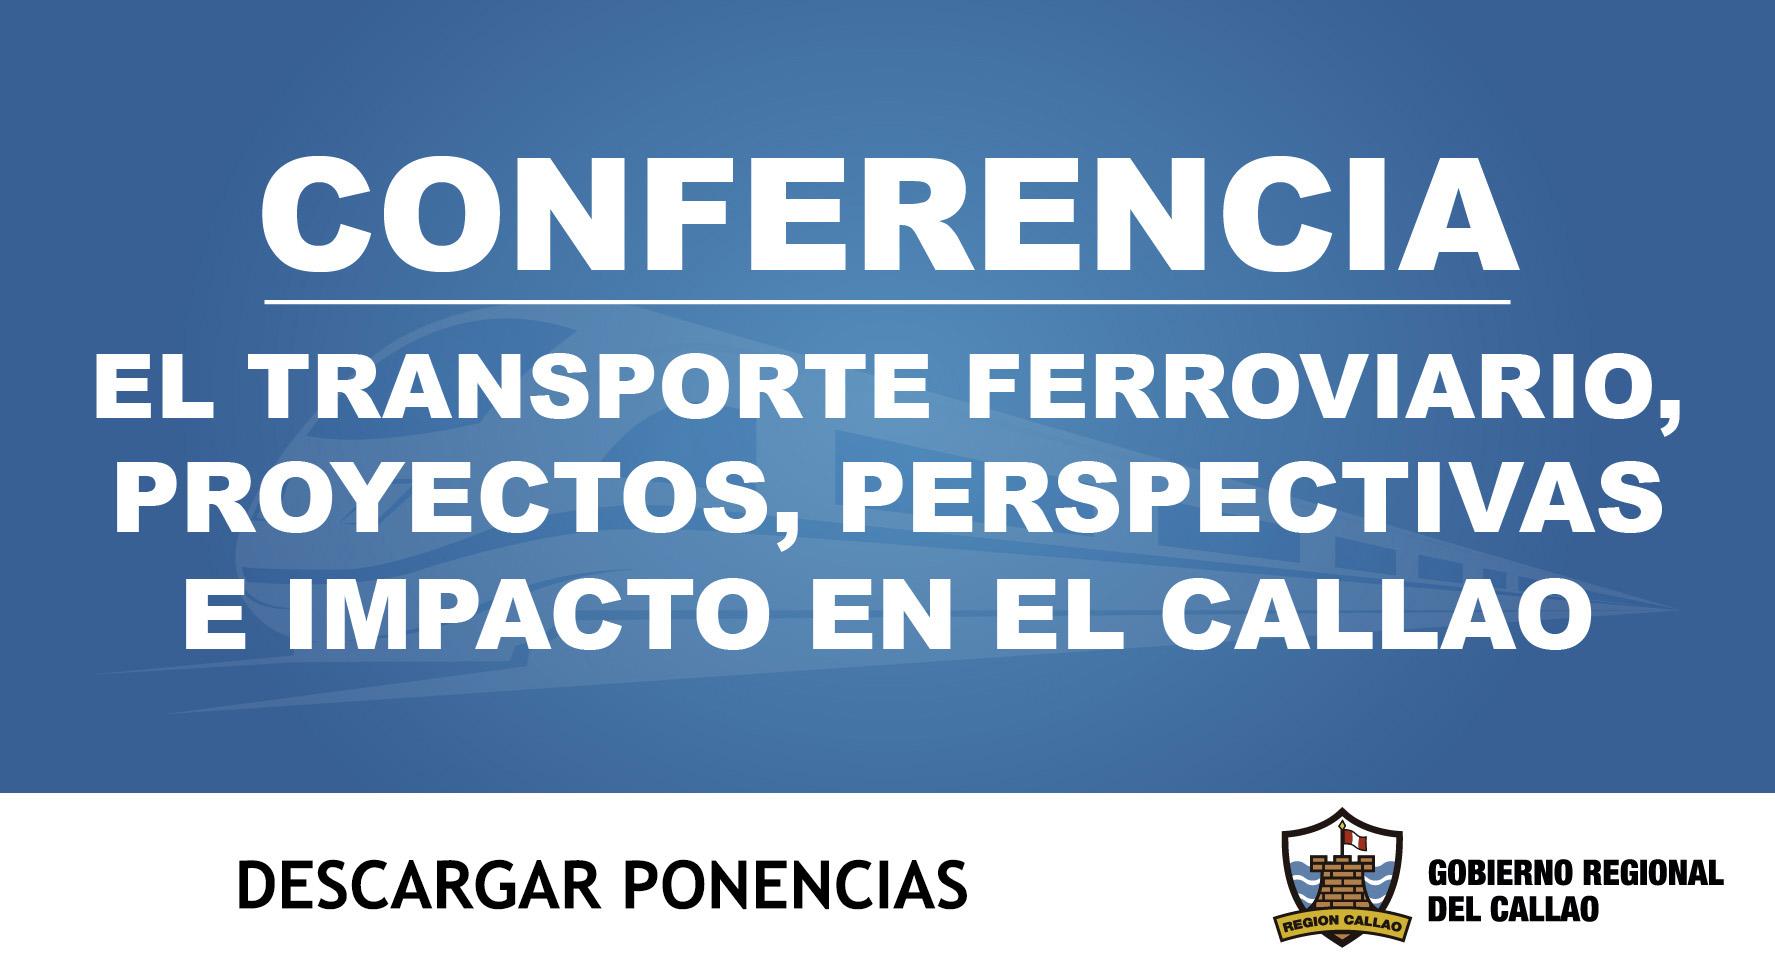 PONENCIAS DE LA CONFERENCIA SOBRE TRANSPORTE FERROVIARIO EN EL CALLAO